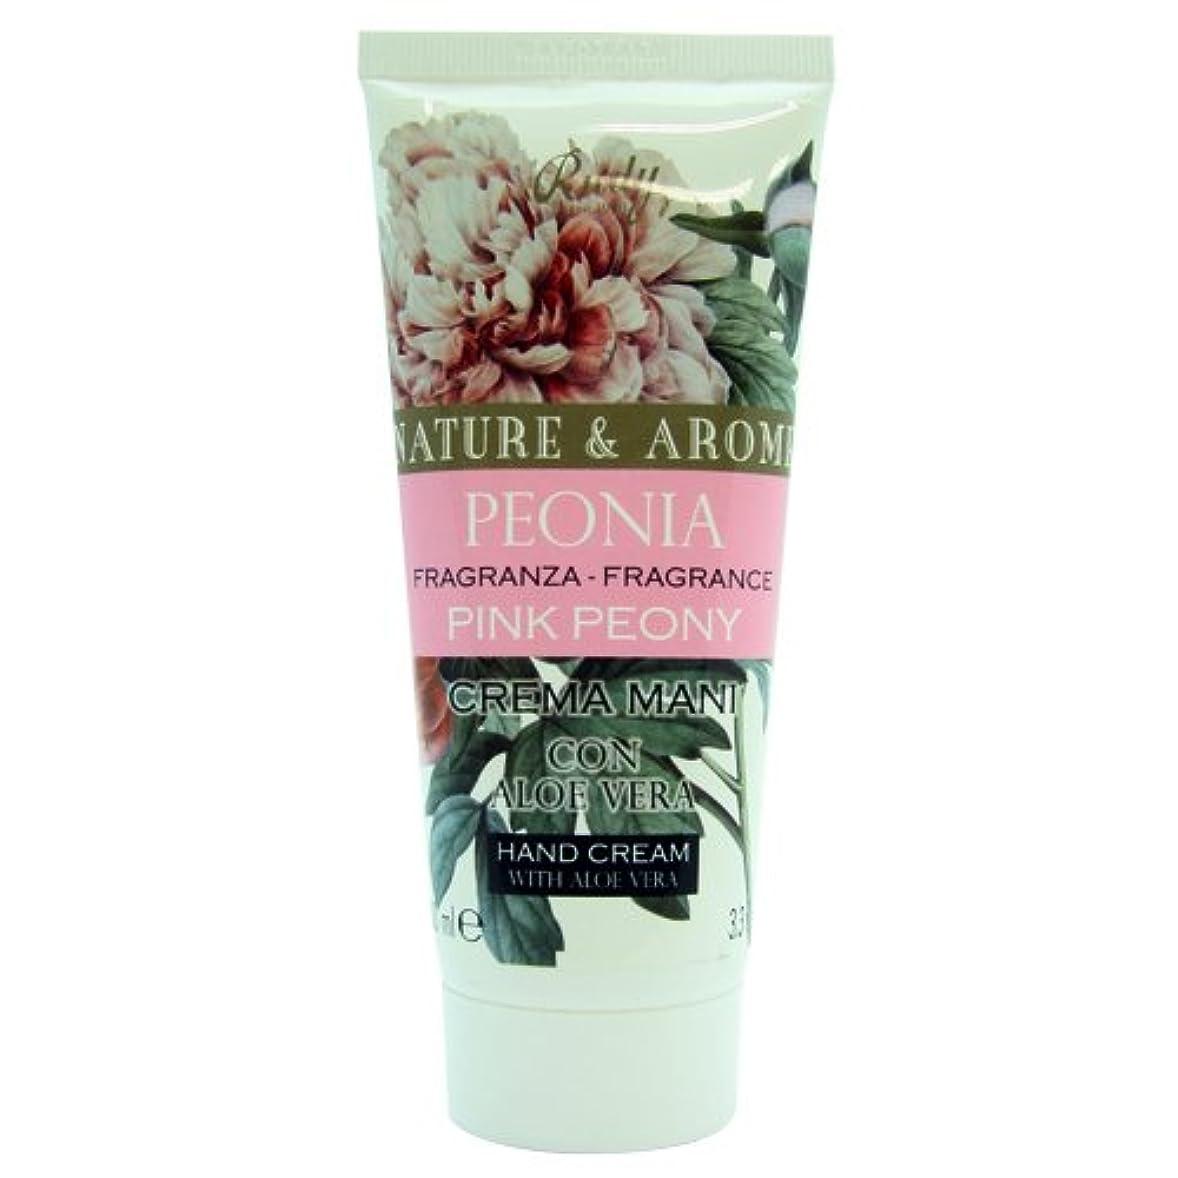 手順看板取り替えるRUDY Nature&Arome SERIES ルディ ナチュール&アロマ Hand Cream ハンドクリーム  ピンクピオニー